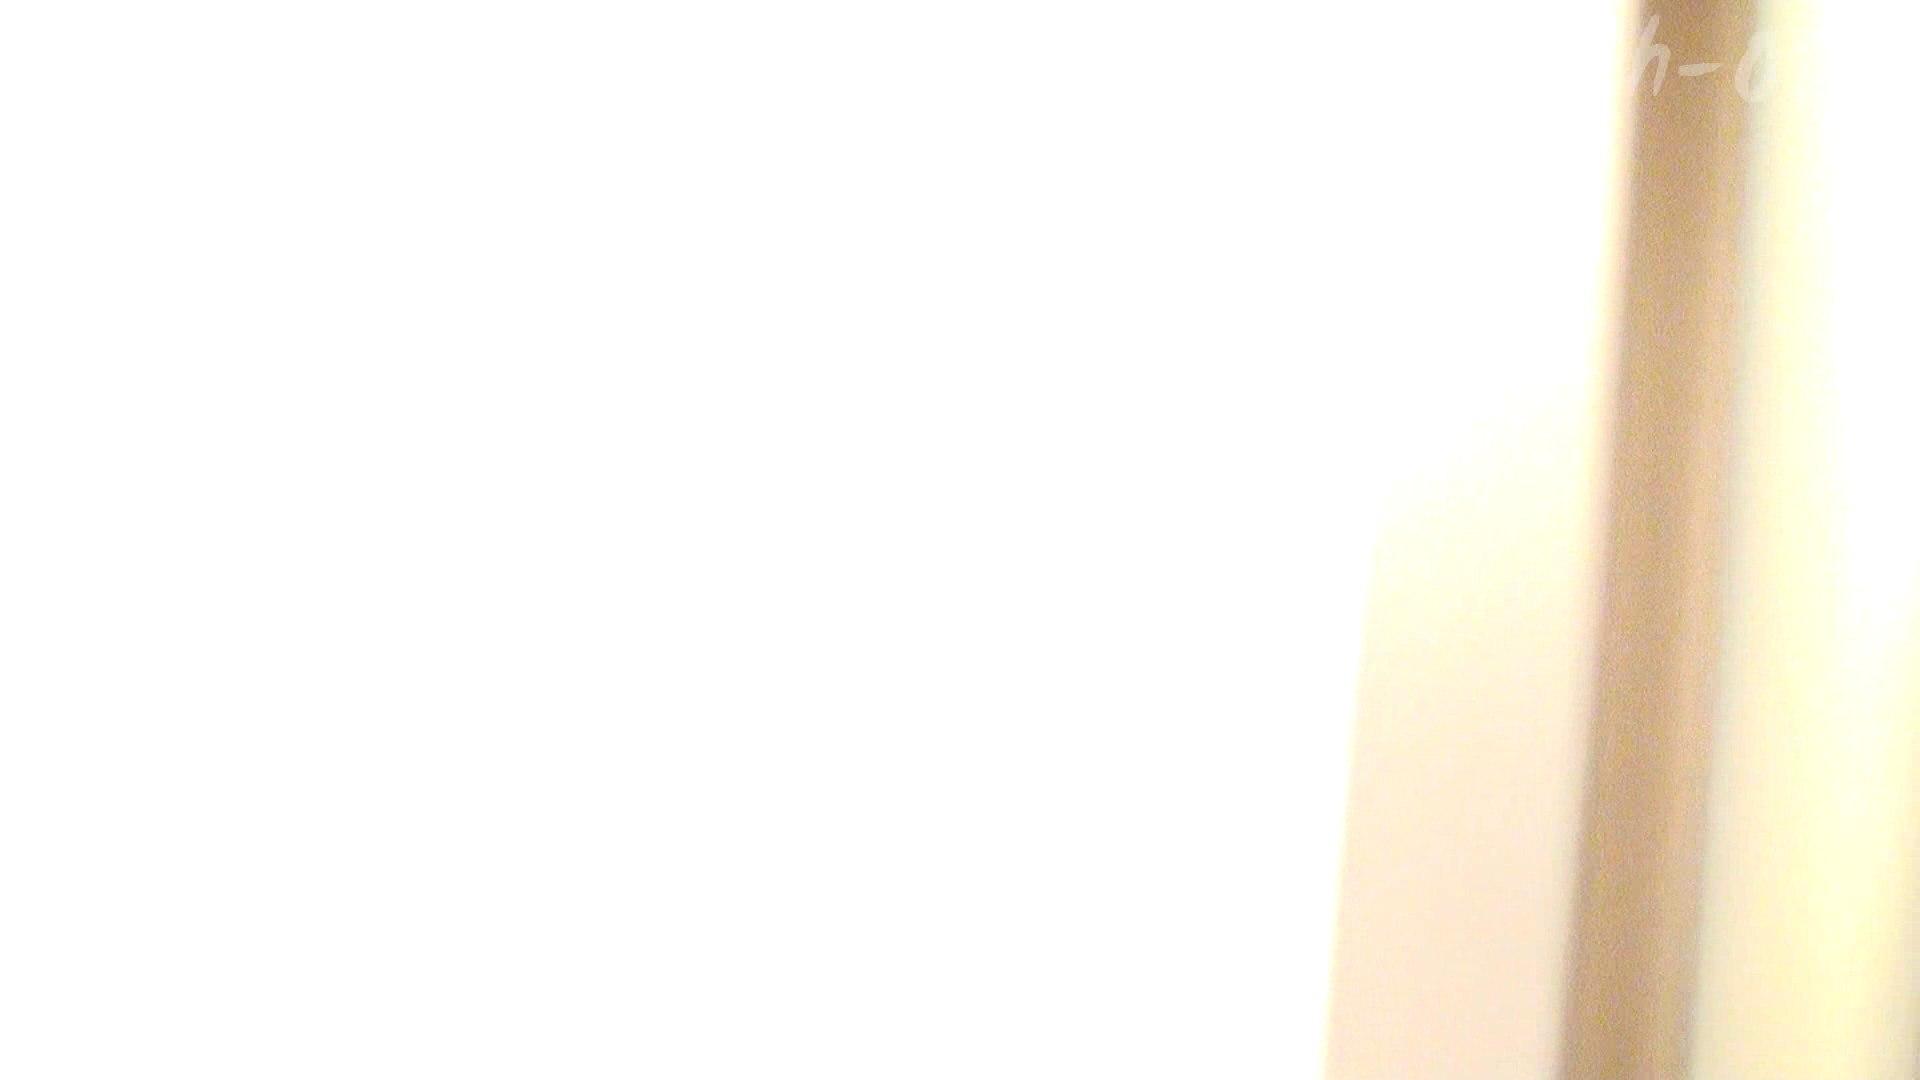 ※100個限定販売 至高下半身盗撮 プレミアム Vol.1 ハイビジョン 名作殿堂 | 盗撮で悶絶  52画像 16